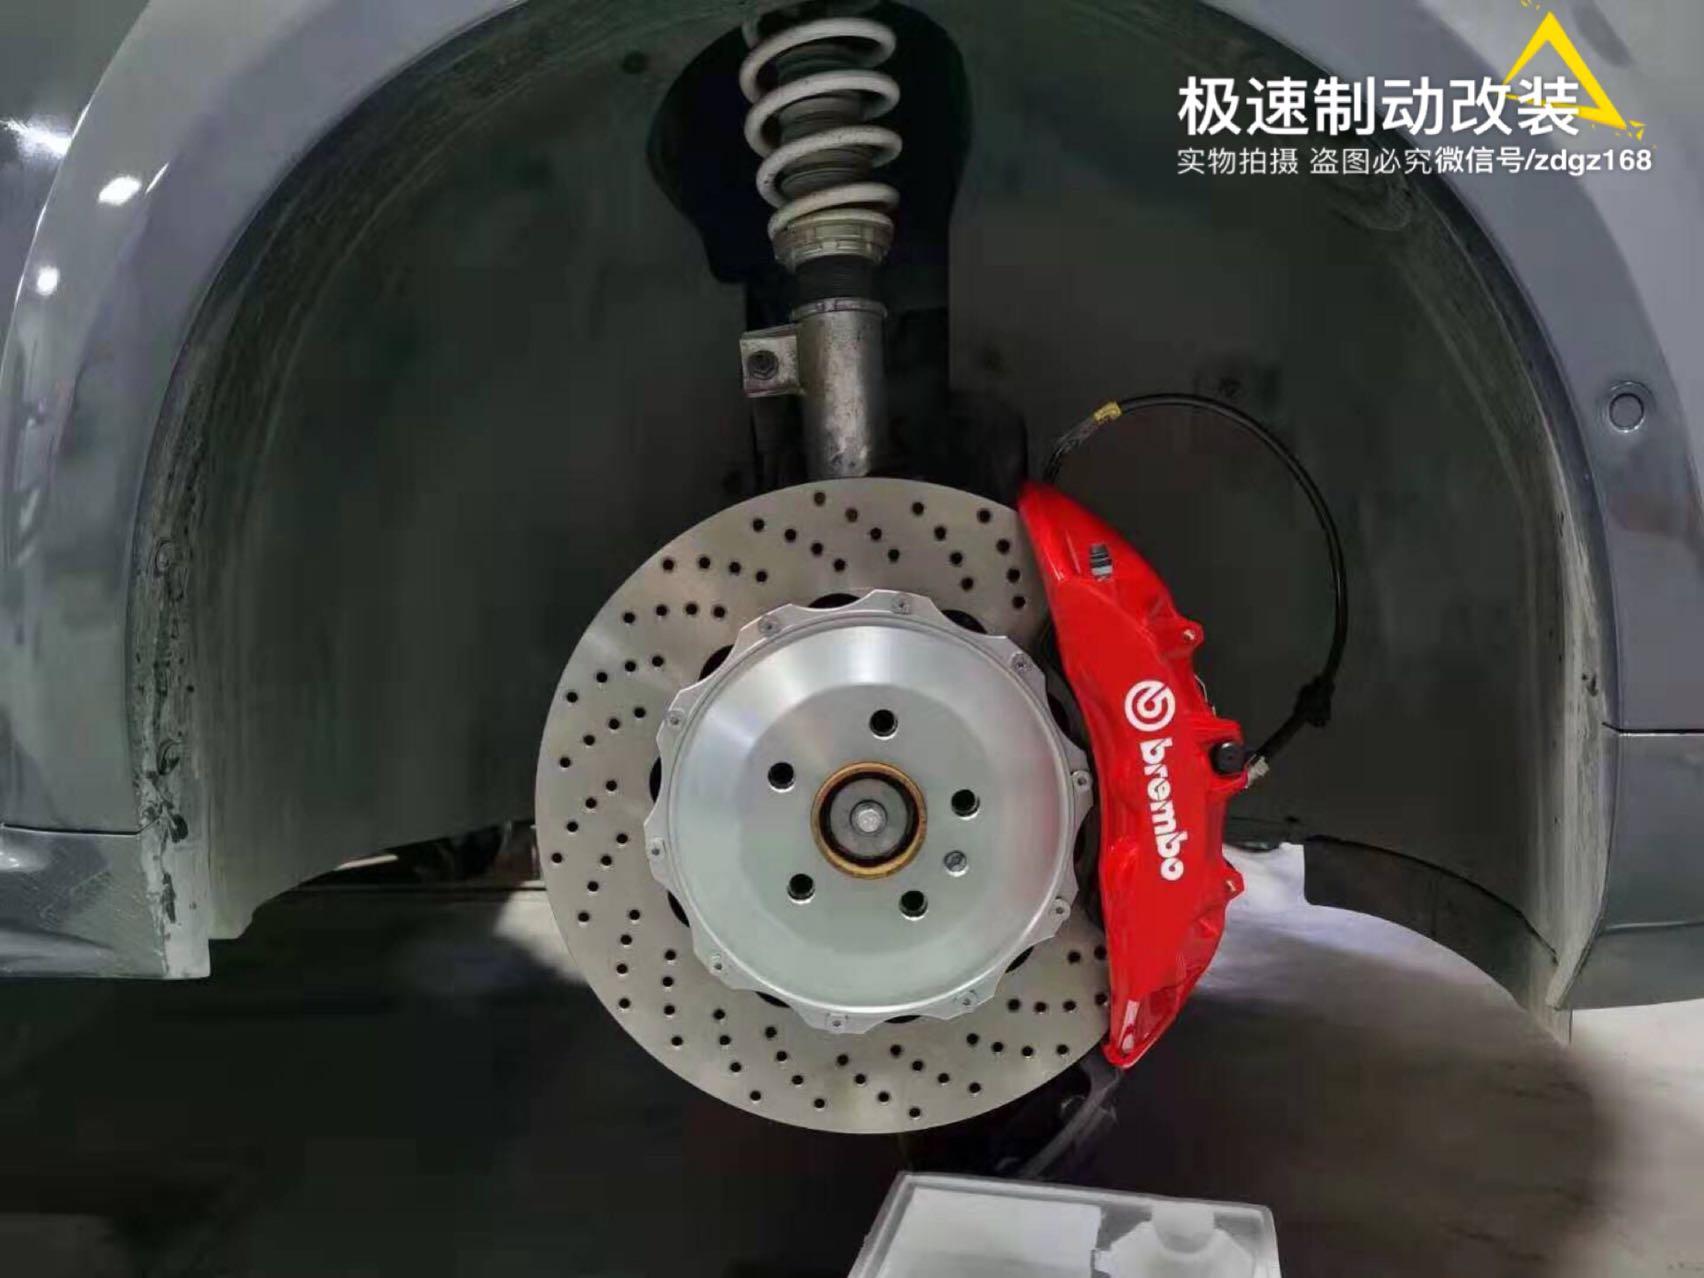 领克02刹车升级前轮布雷博Brembo V6刹车卡钳套件➕后轮加大盘,上车效果好!